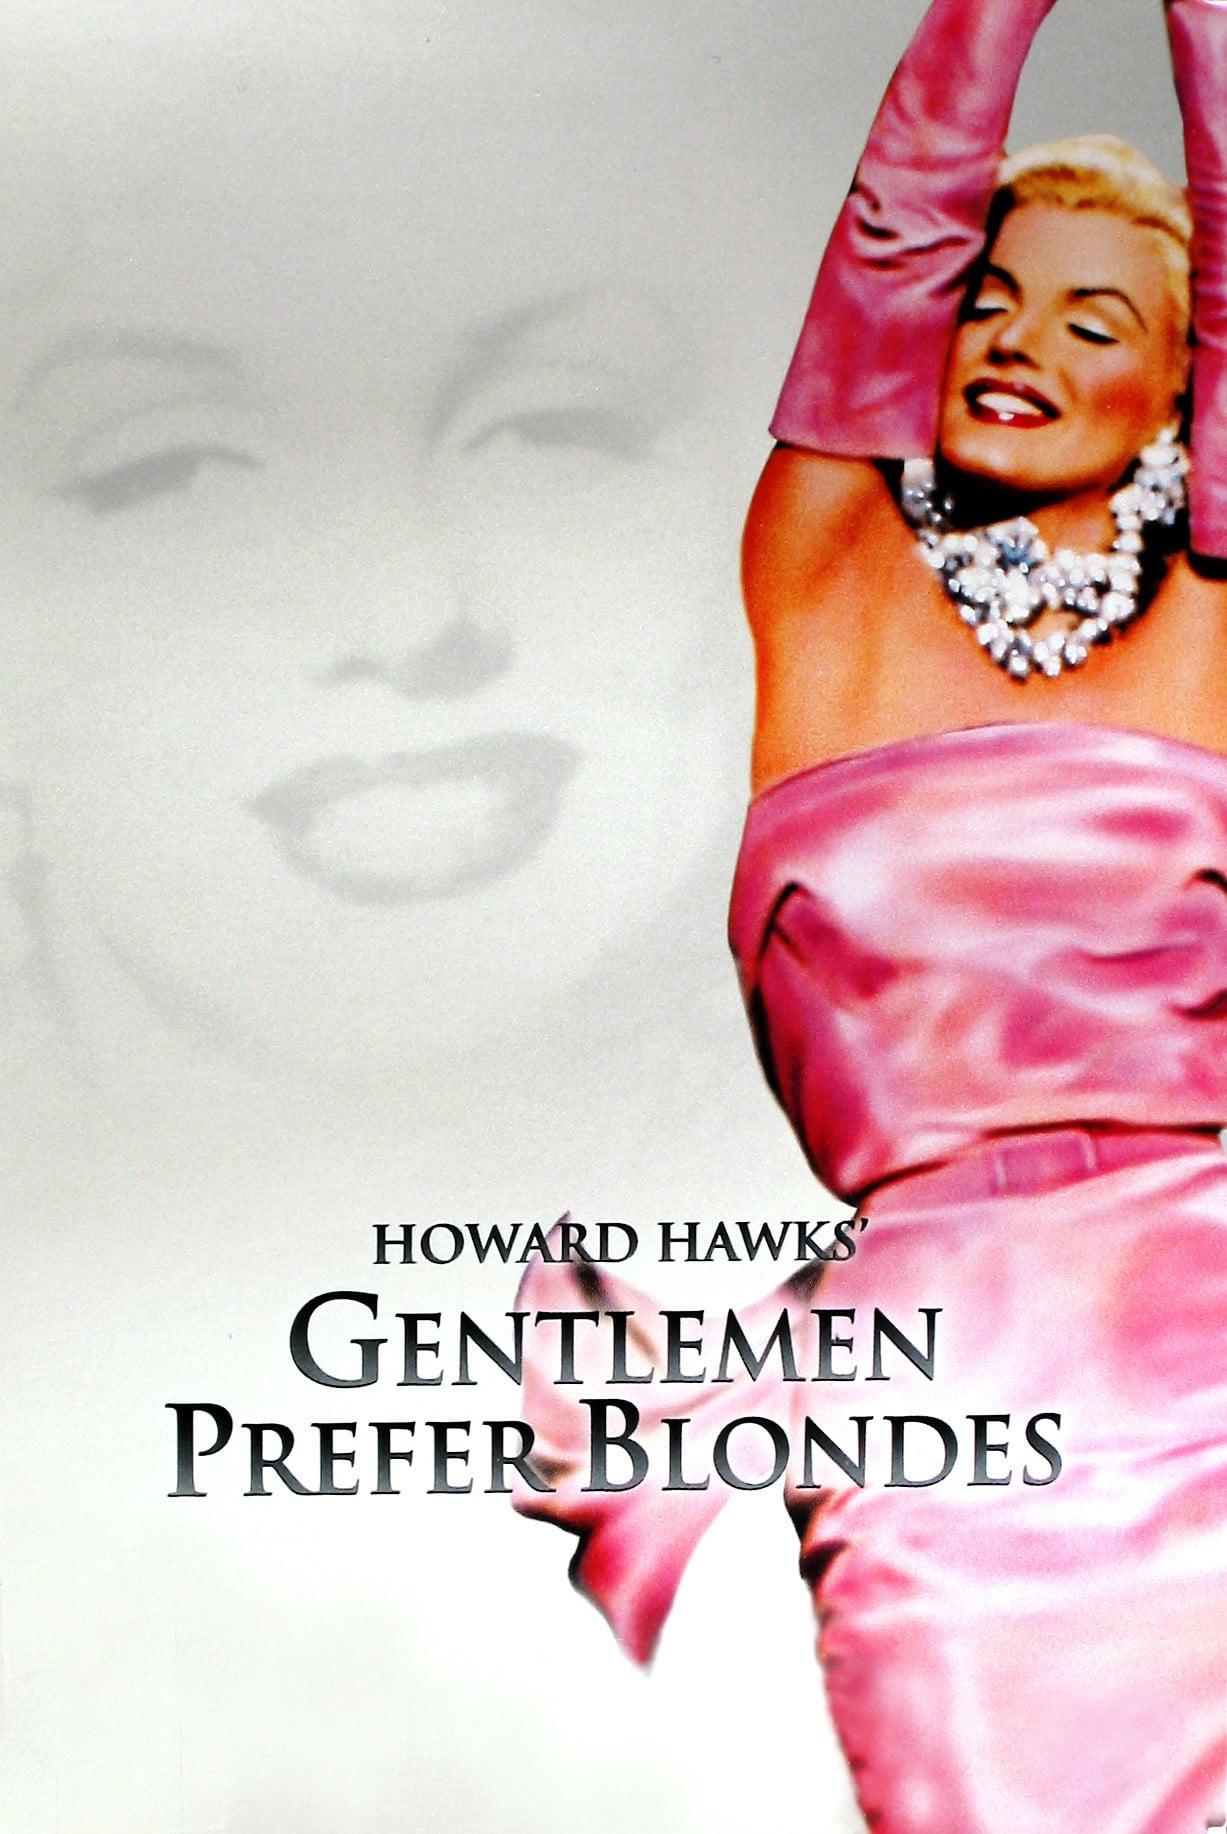 Poster for Gentlemen Prefer Blondes